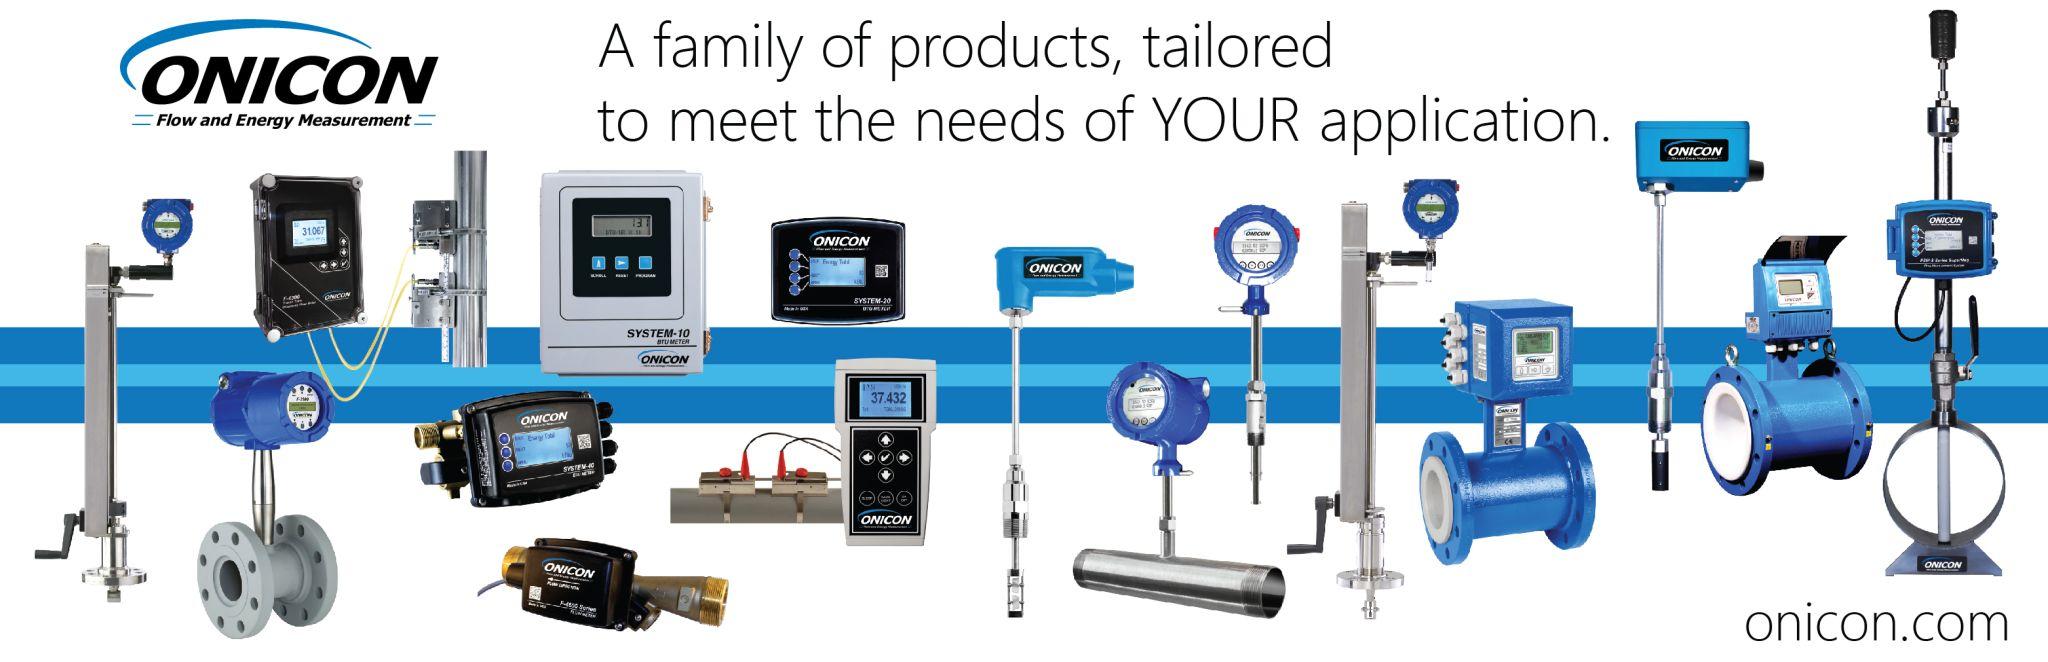 ONICON product range